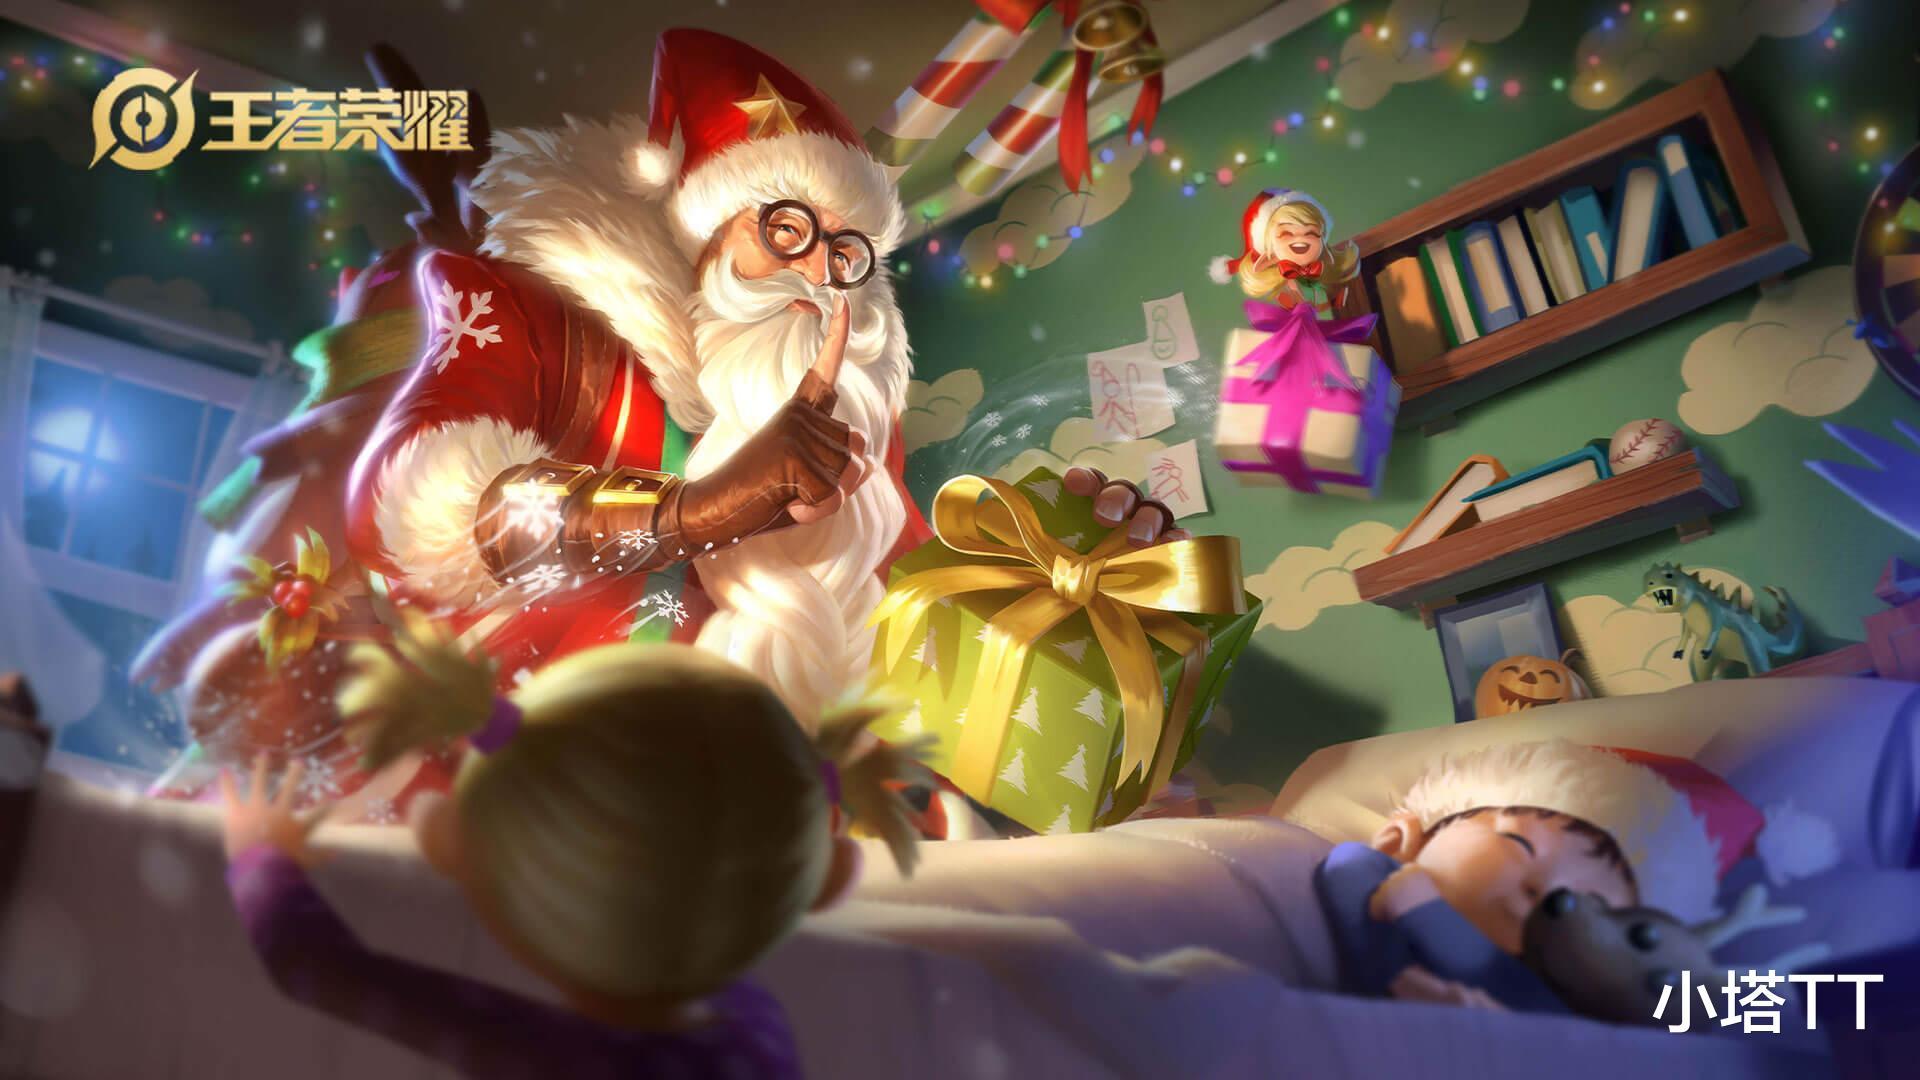 《【煜星app登录】王者荣耀免费拿史诗皮, 大部分需要肝, 但圣诞老人挂机两周就能入手!》